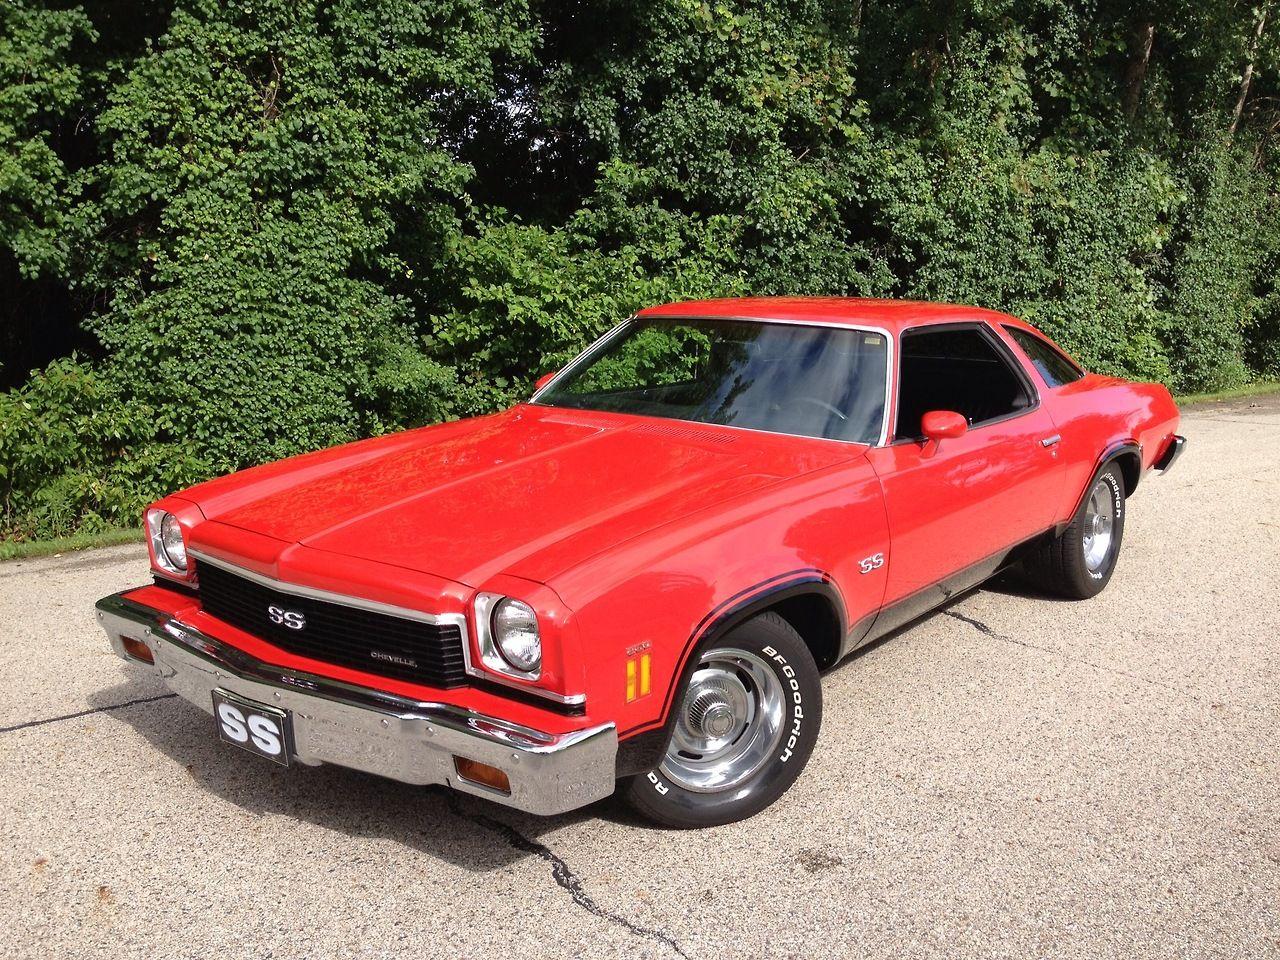 All Chevy 1976 chevy laguna : 74 Laguna S3 | 1974 Laguna S3 454/4spd - 001 | Chevelle & Nova ...